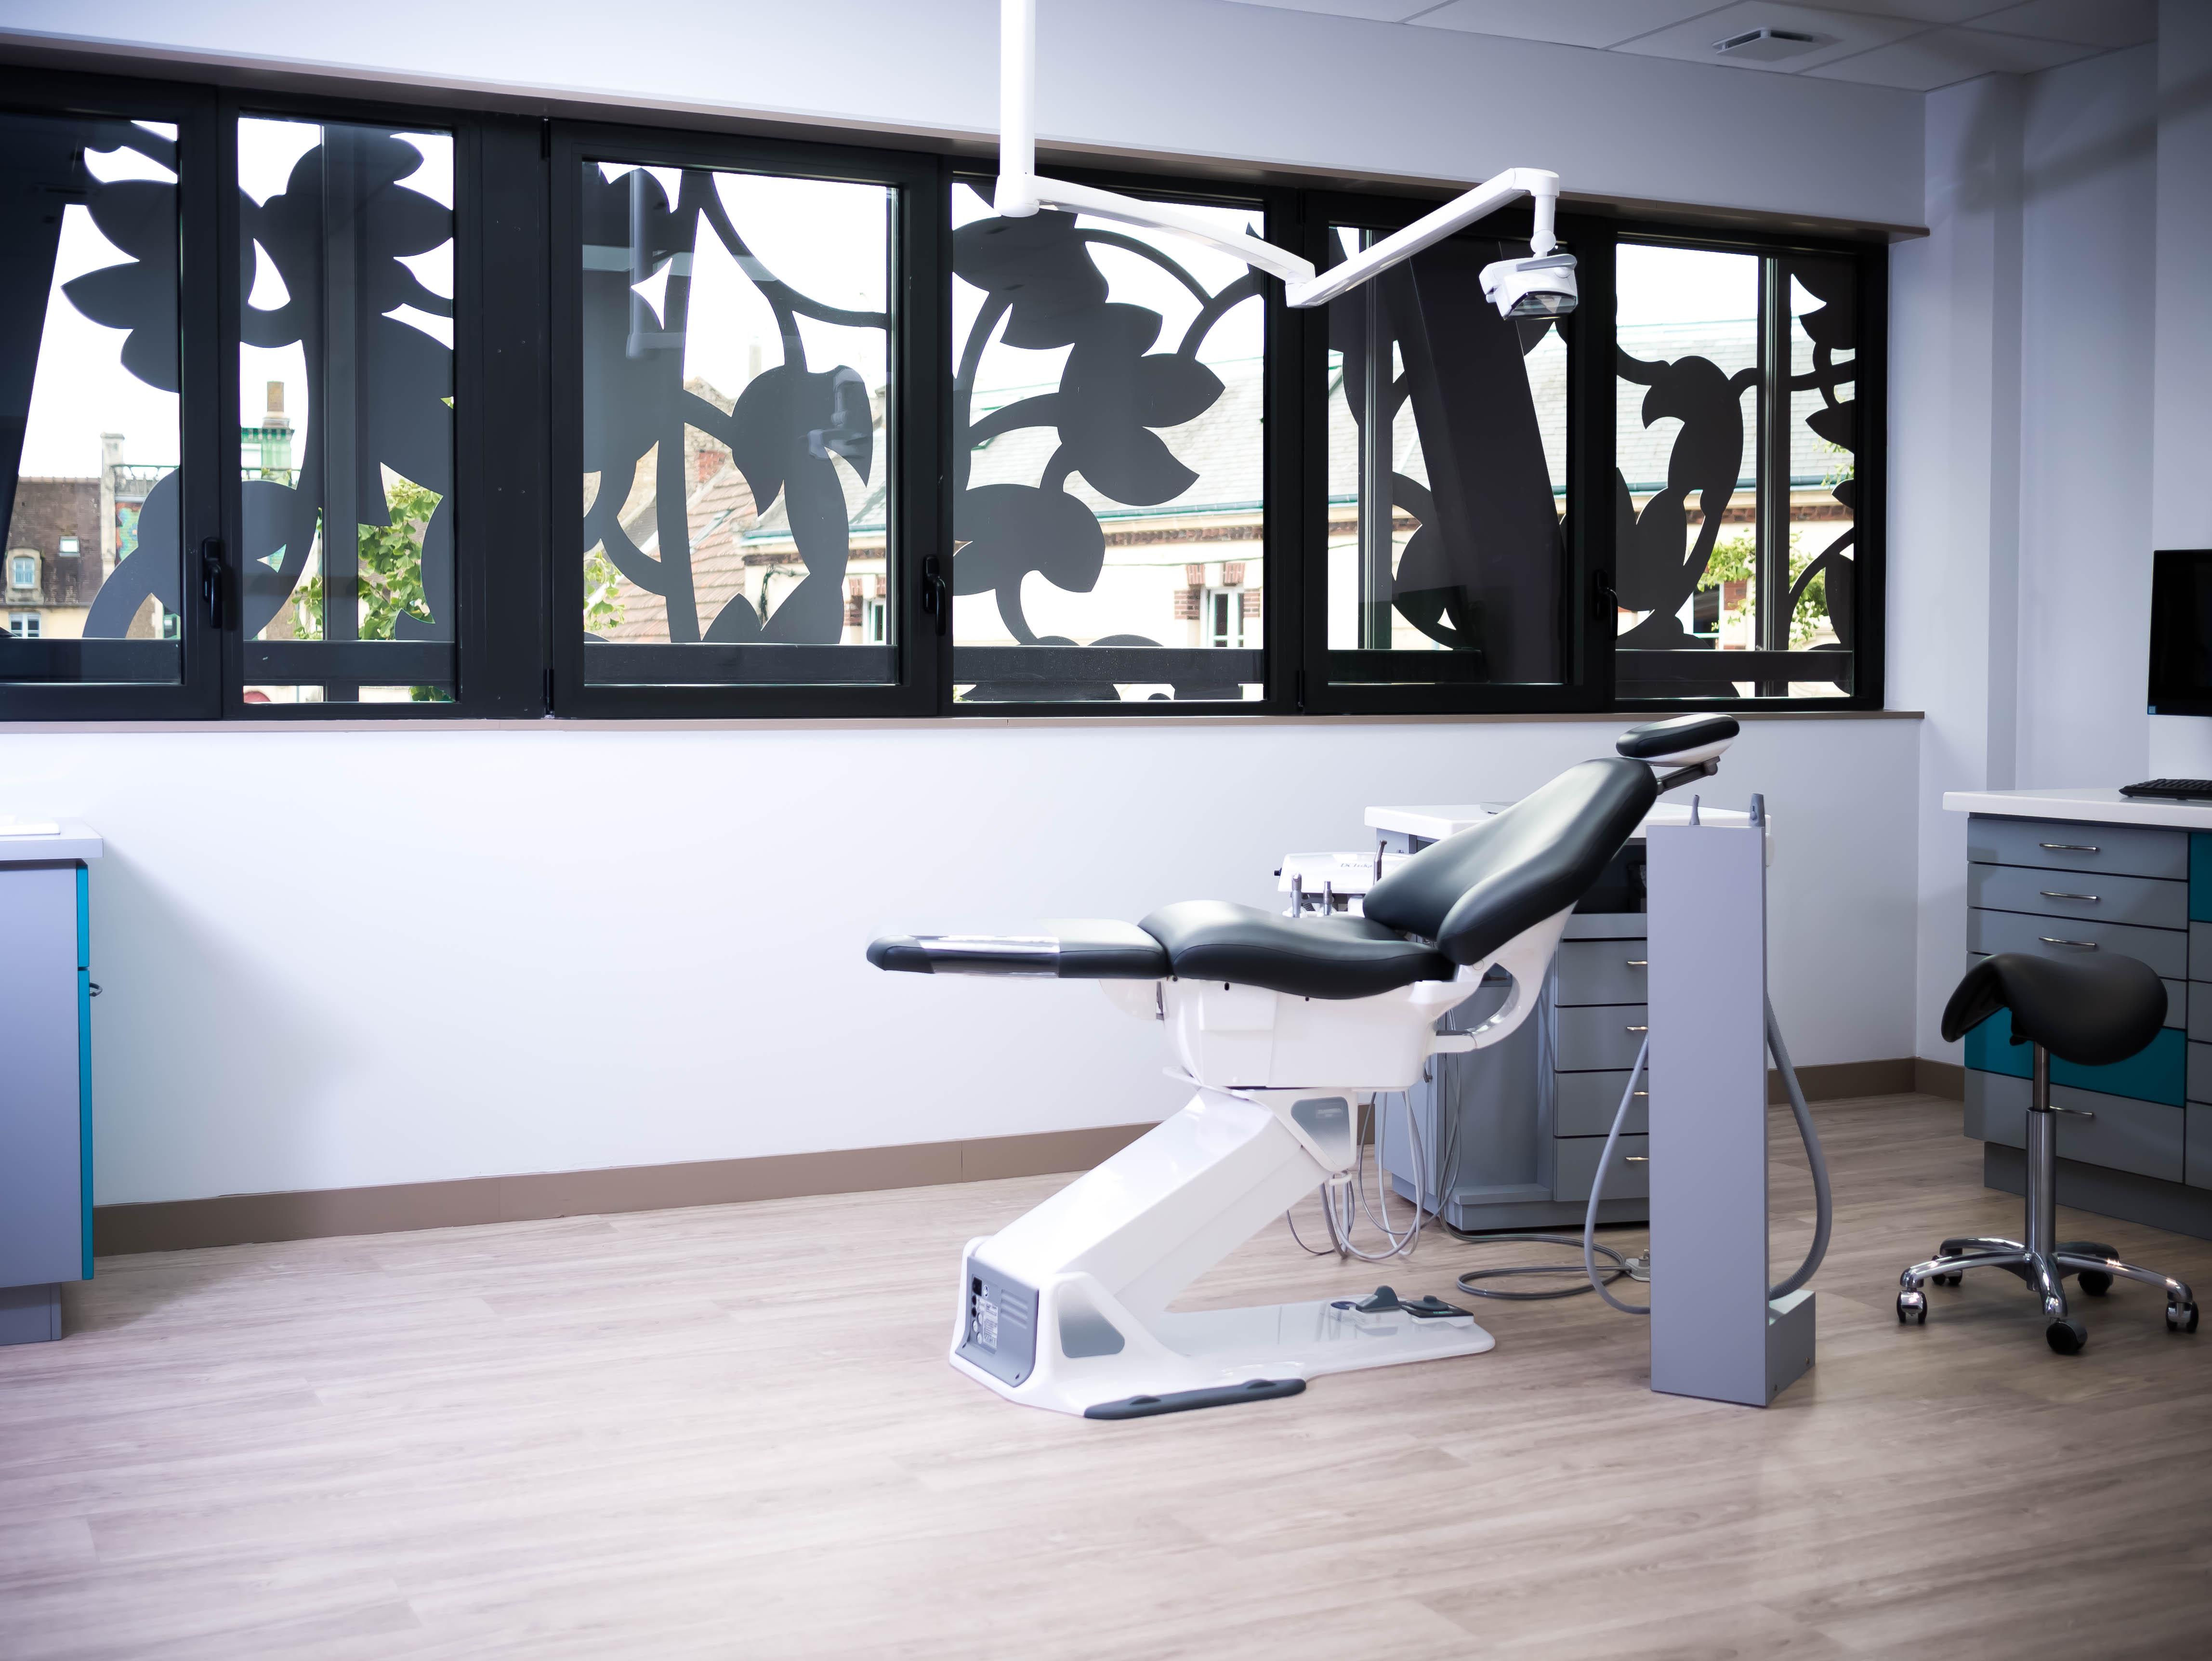 Salle de soins 2 Cabinet d'orthodontie Dr Dumat Douvres-la-Délivrande Calvados